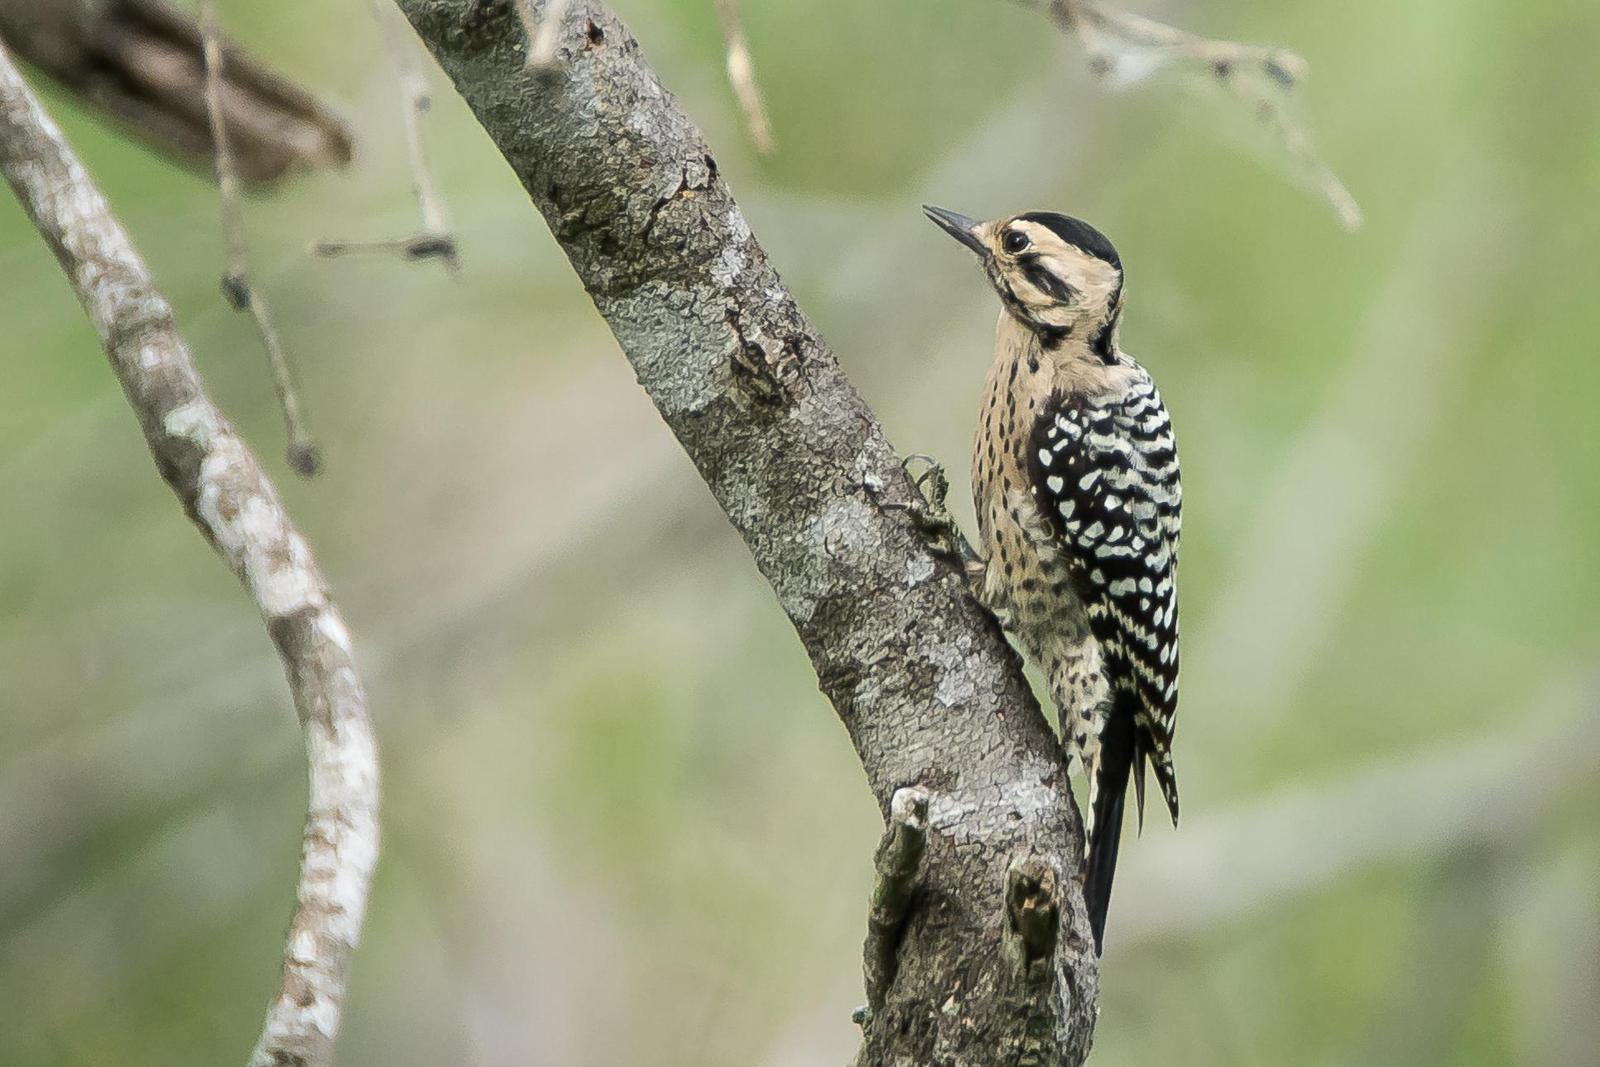 Ladder-backed Woodpecker Photo by Gerald Hoekstra